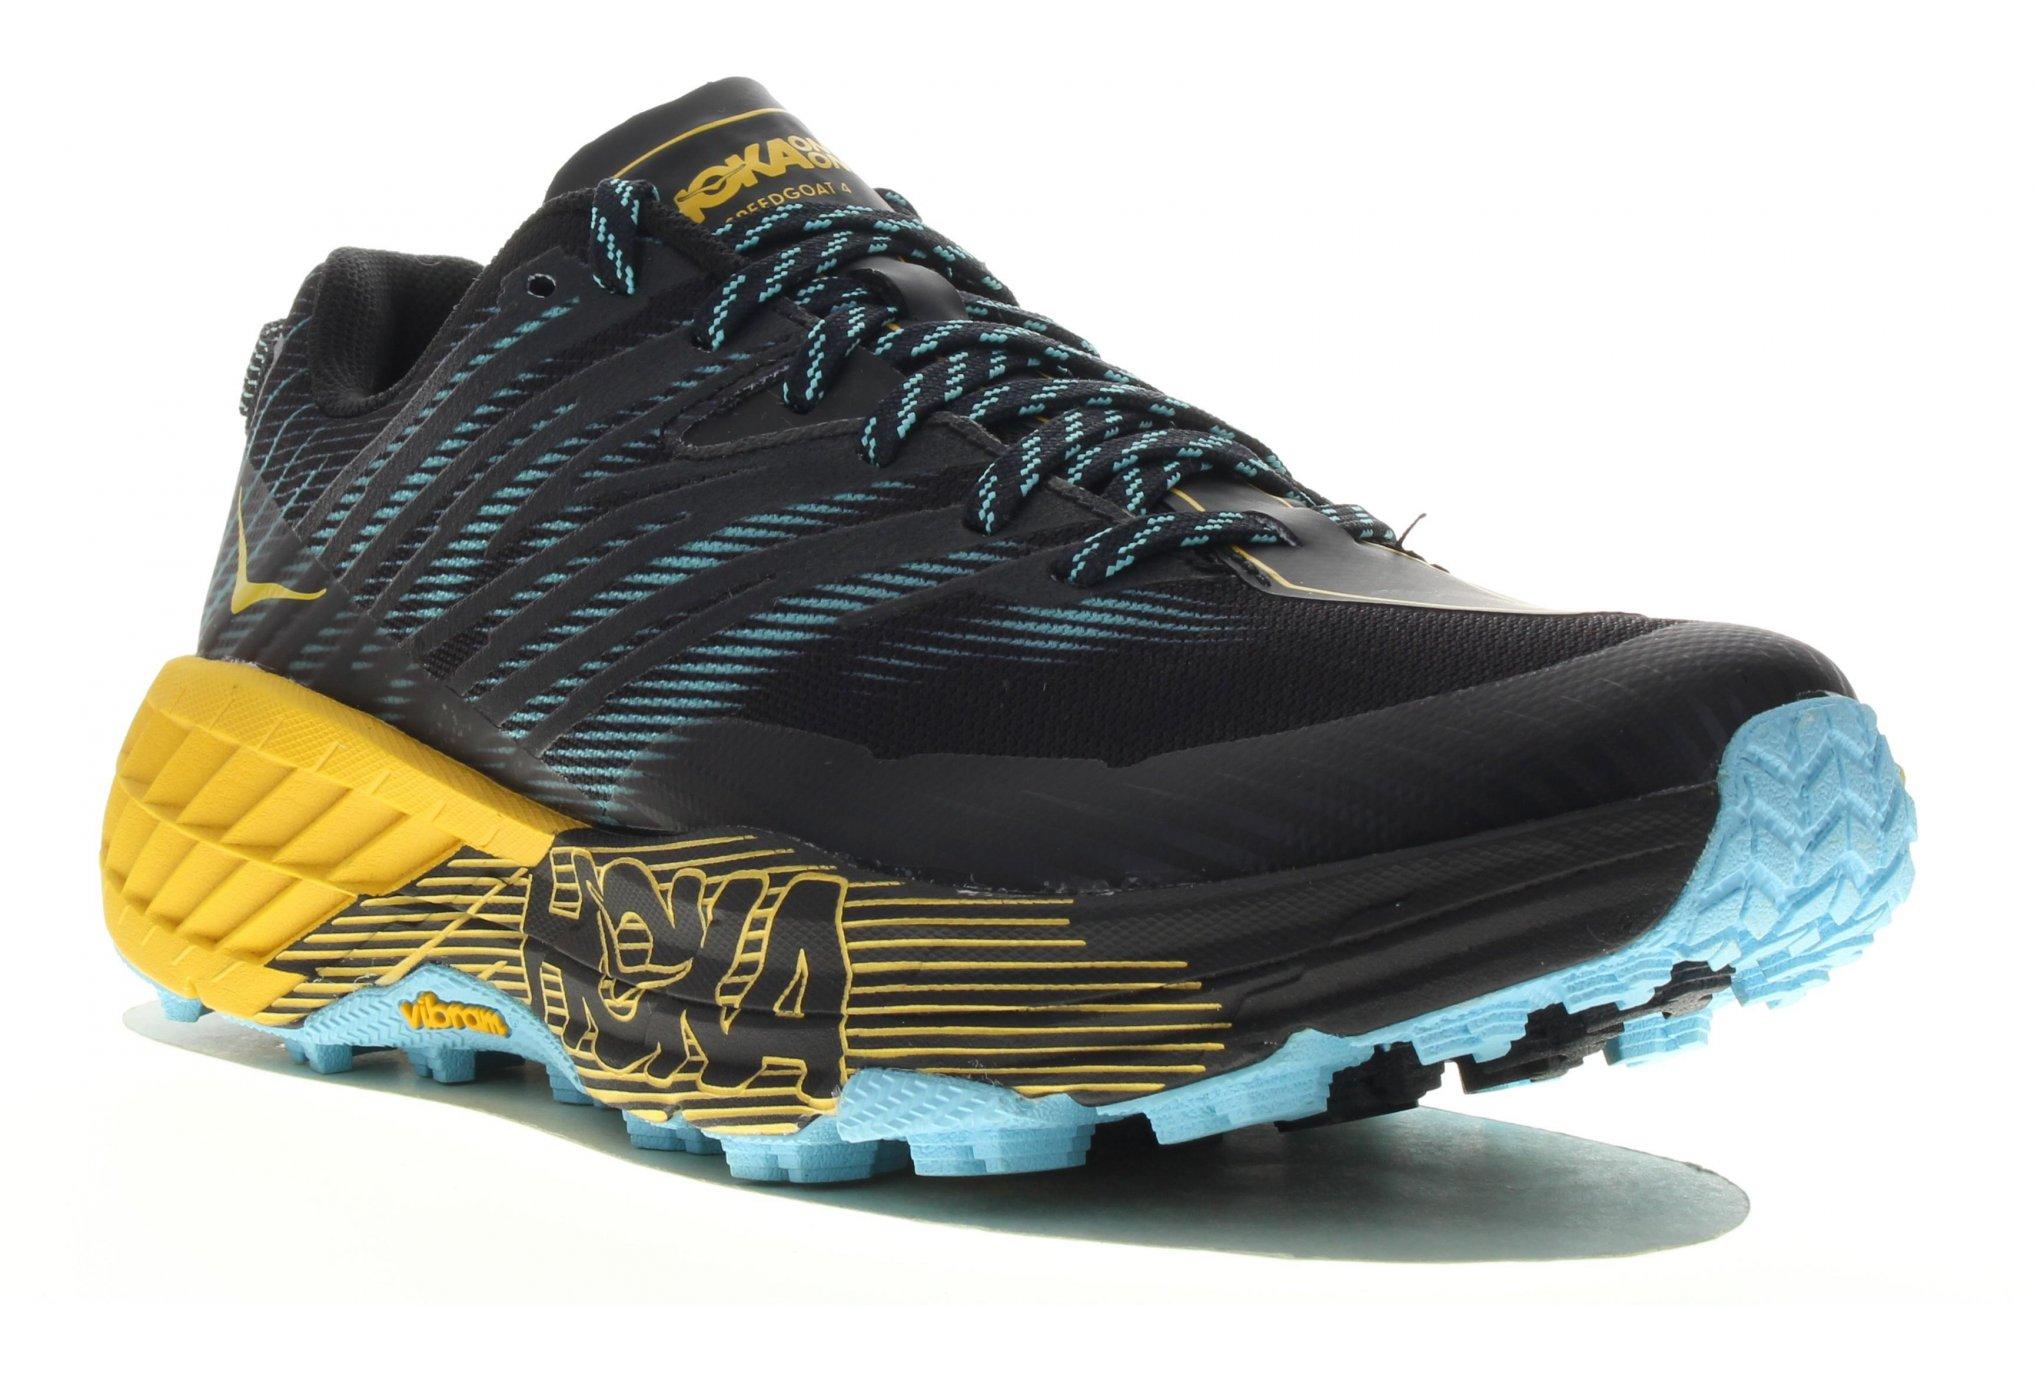 Hoka One One SpeedGoat 4 Chaussures running femme